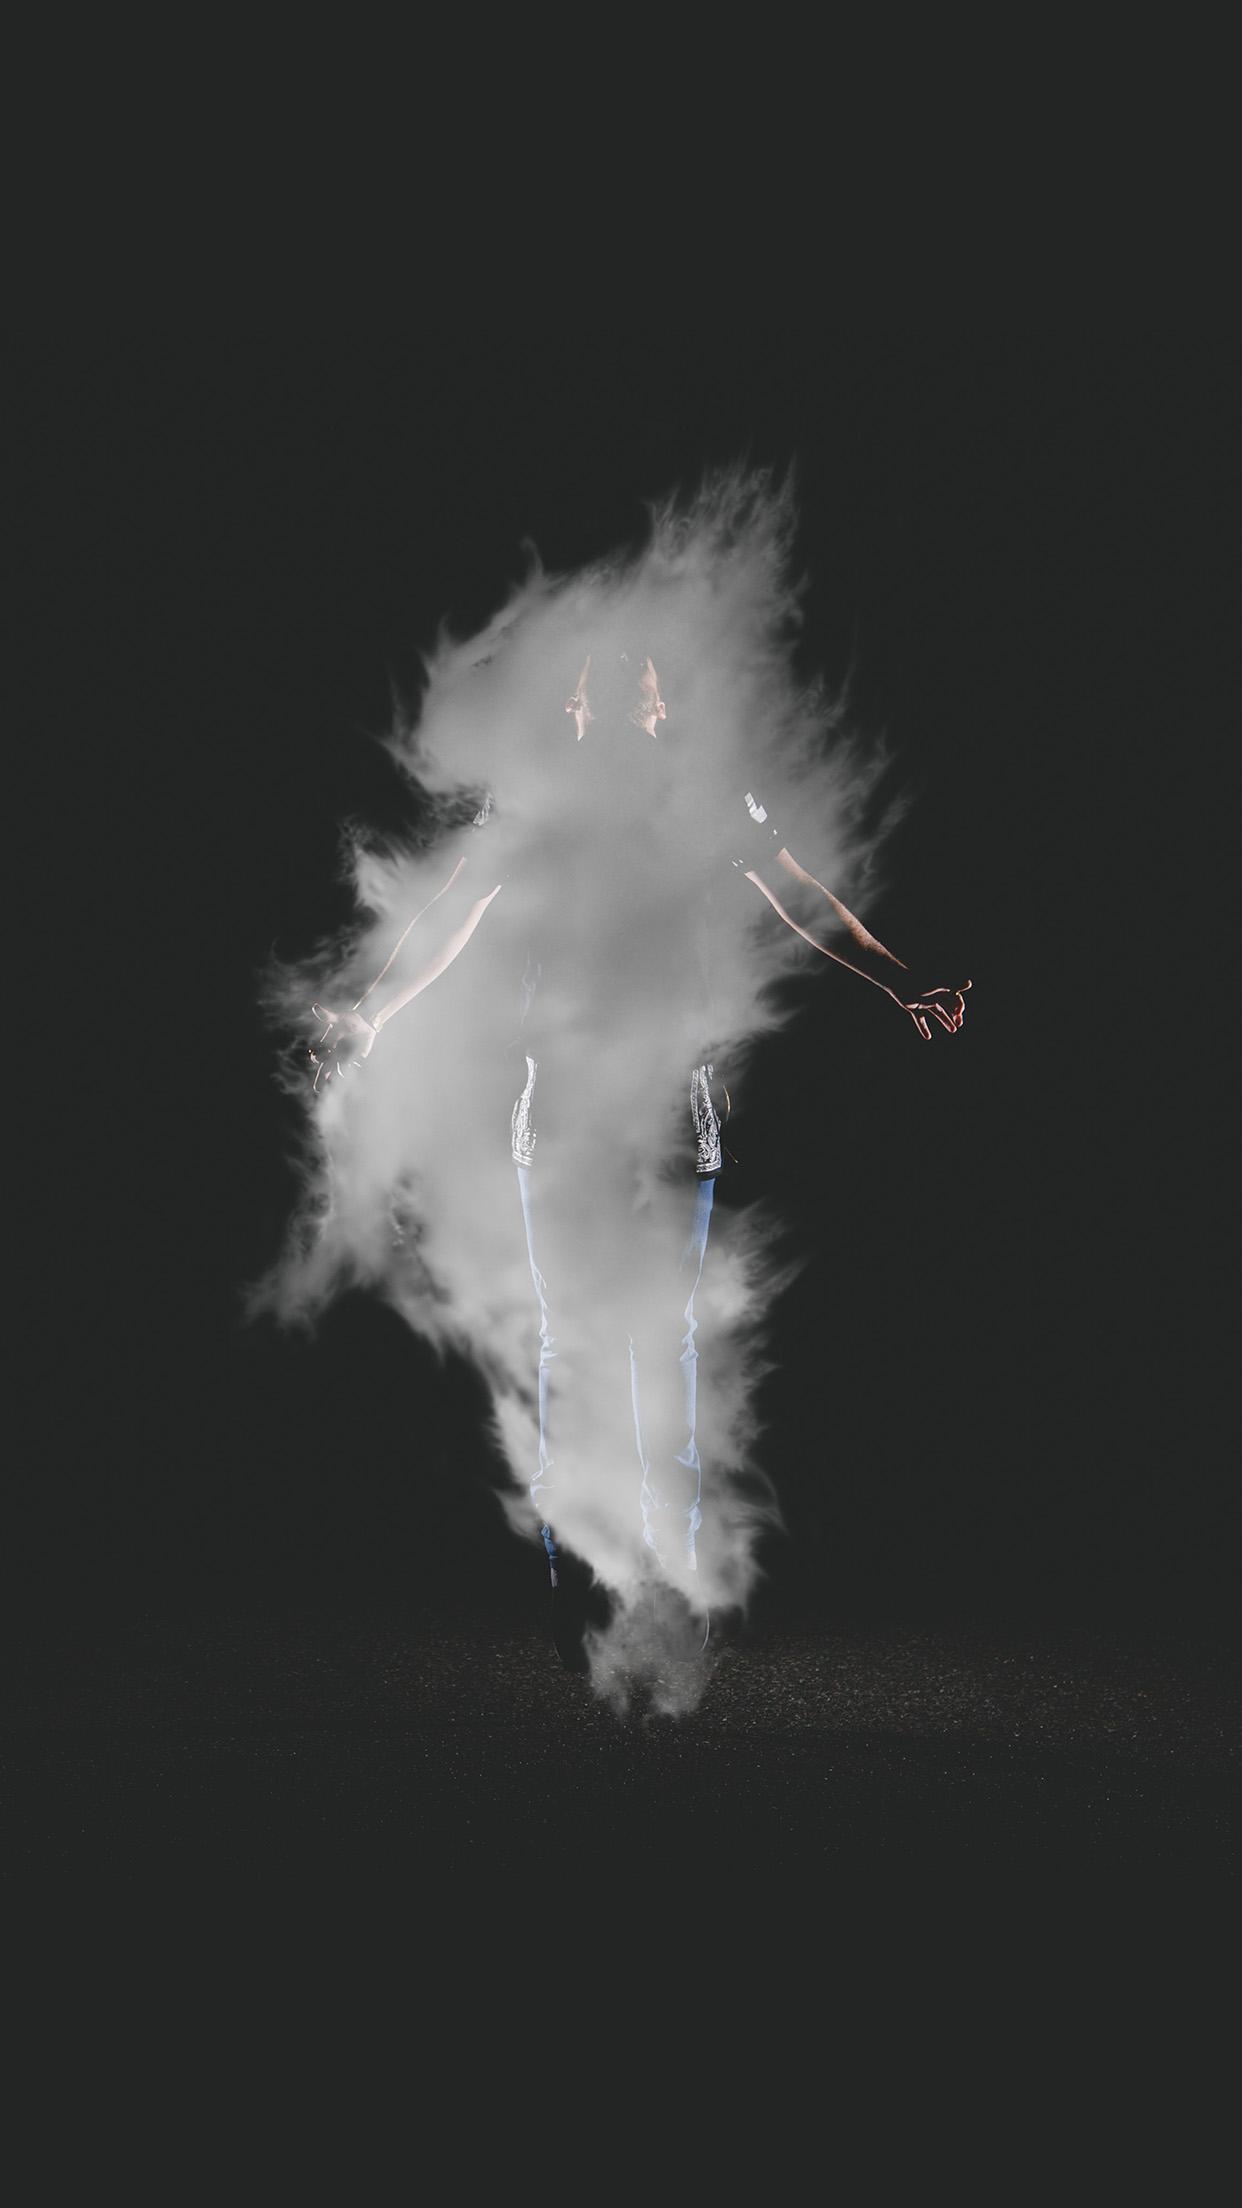 az48-man-dark-smoke-illustration-art-wallpaper